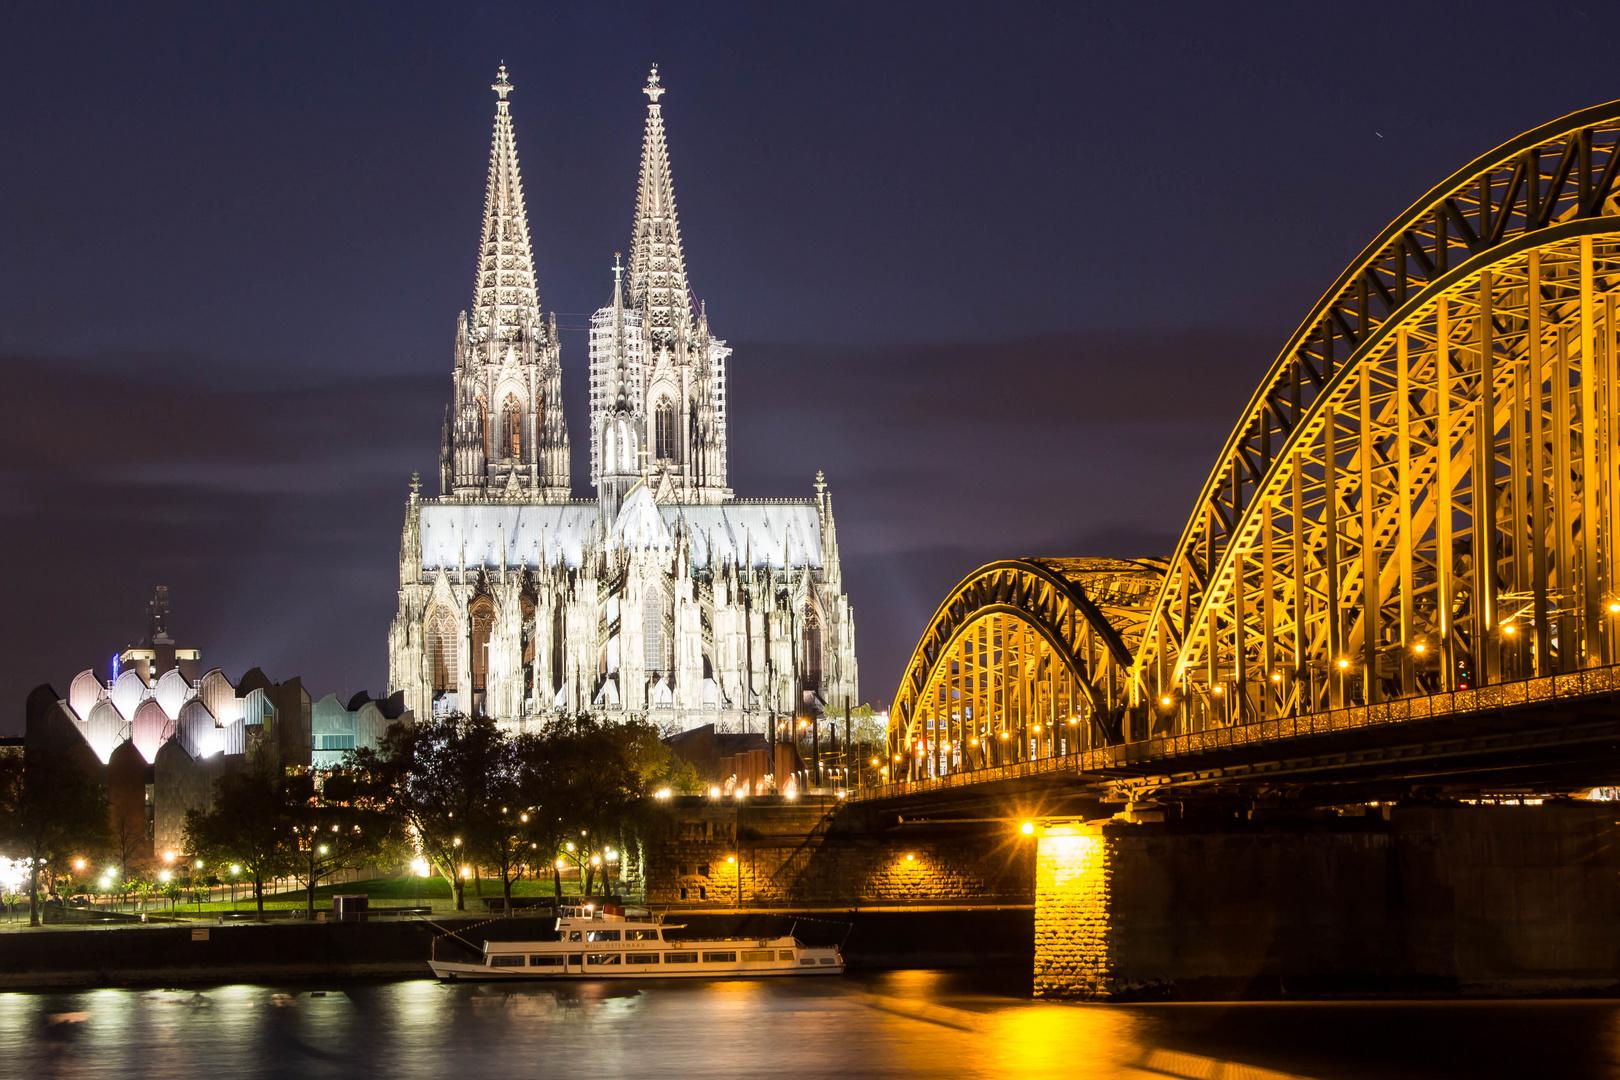 -Kölner Dom at night